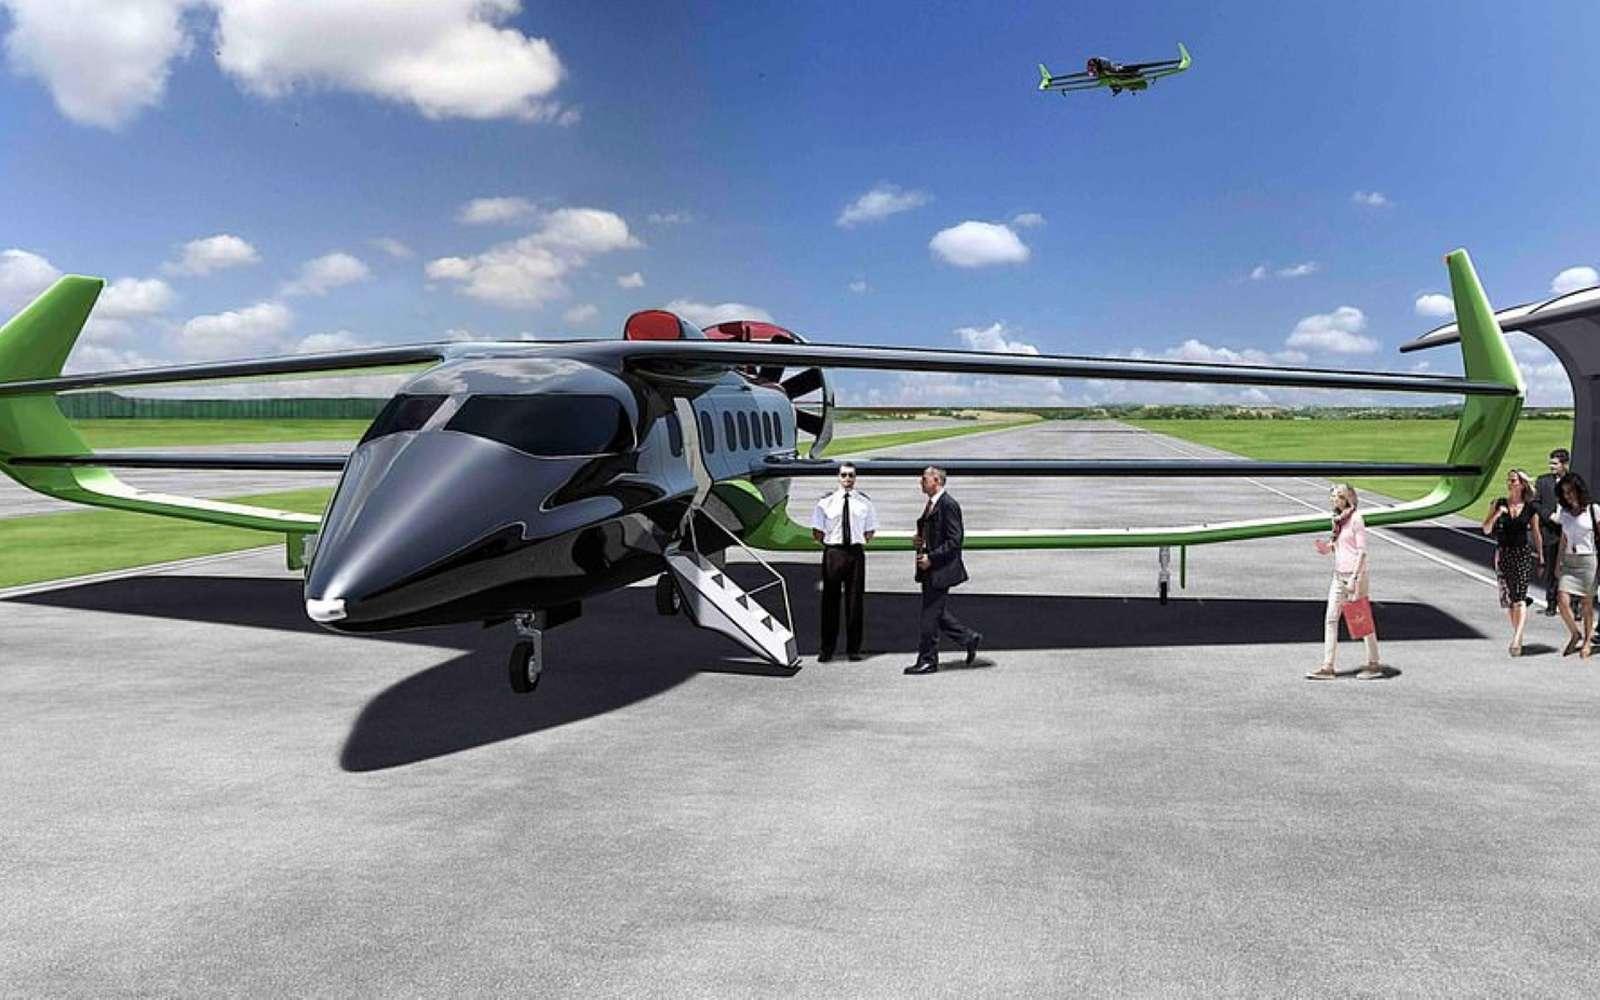 Basé sur une architecture d'aile triplan, le Beha sera un avion hybride capable d'emporter 18 passagers ou 5 tonnes de fret. © Faradair